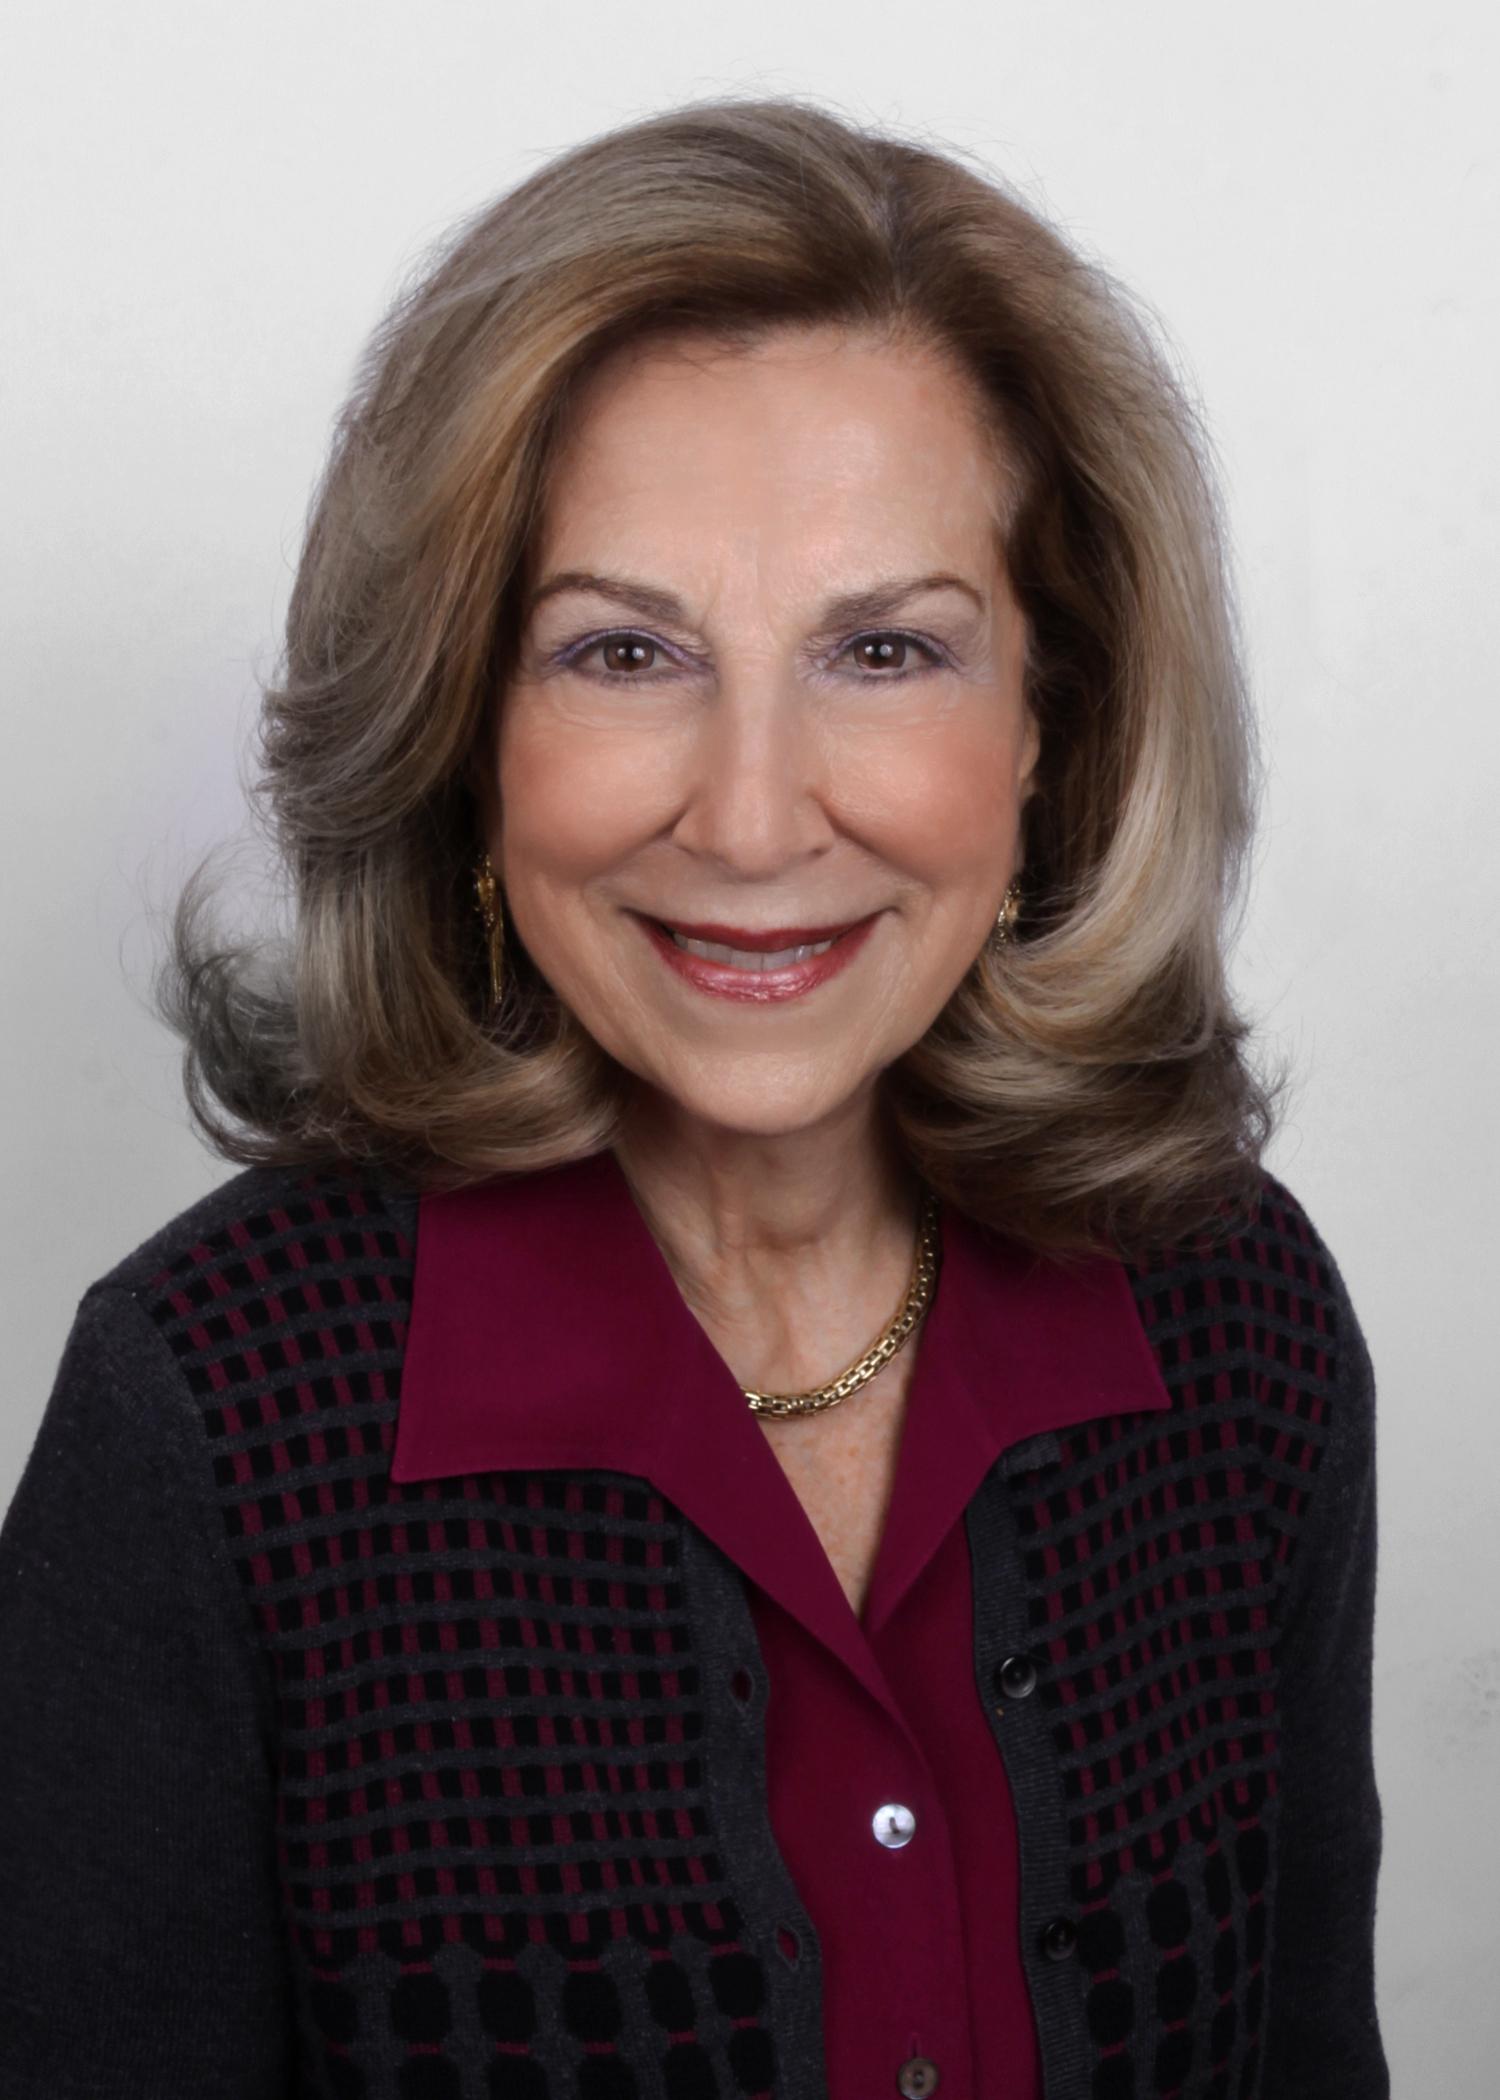 Pam Goldstein